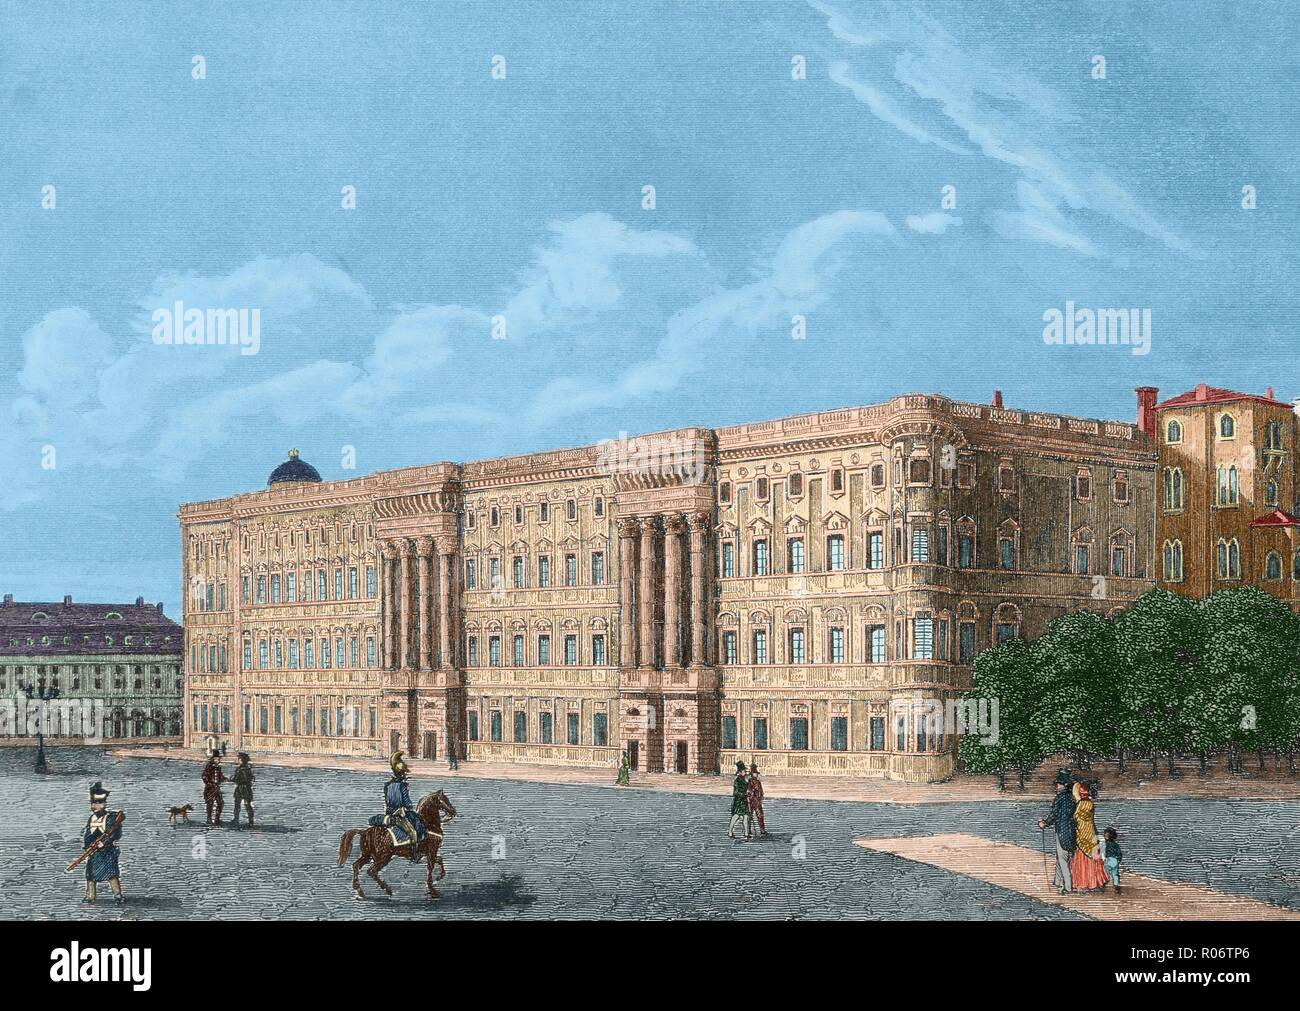 Berlín, Alemania. Palacio Real. El edificio más importante de la administración de Prusia. Grabado del siglo XIX. Coloreado. - Stock Image